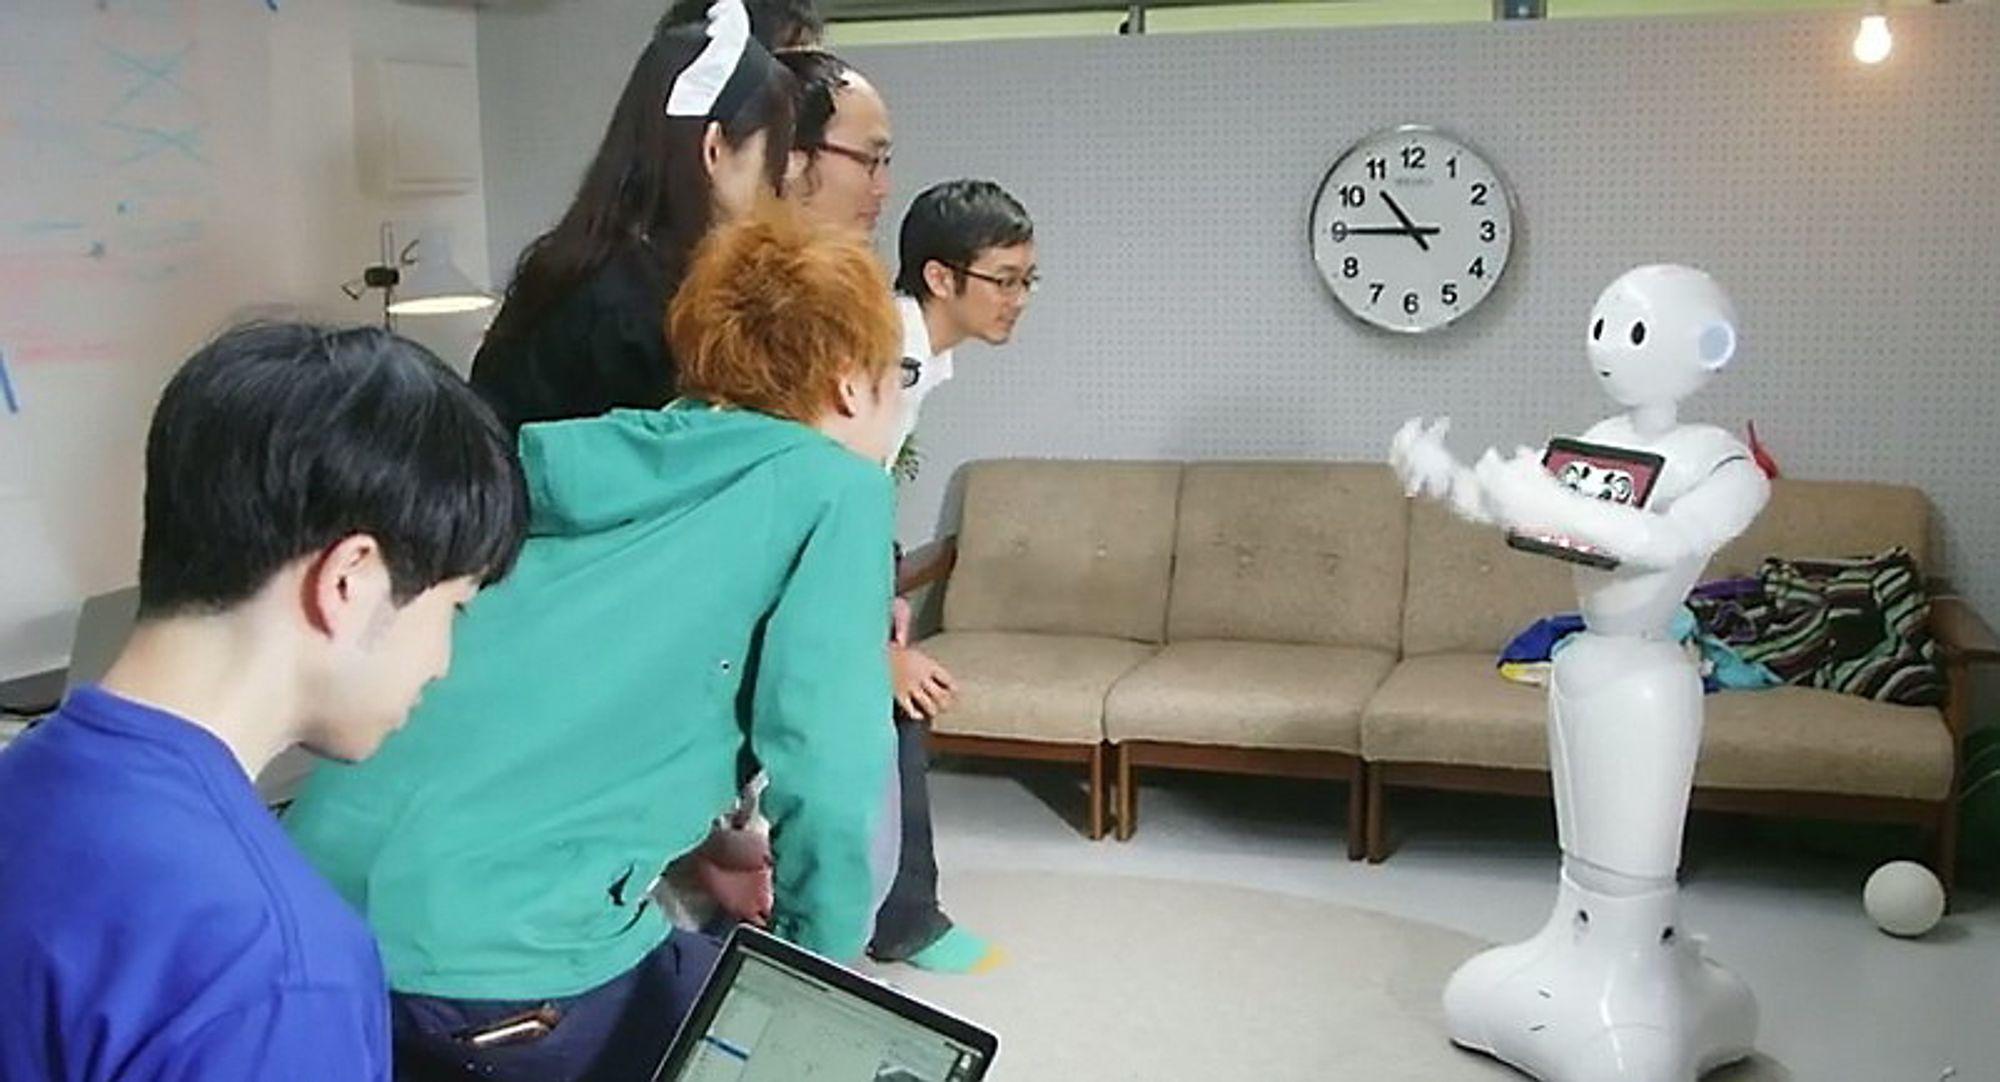 Pepper forstår følelser og lærer av interaksjon med mennesker, ifølge selskapet bak roboten.